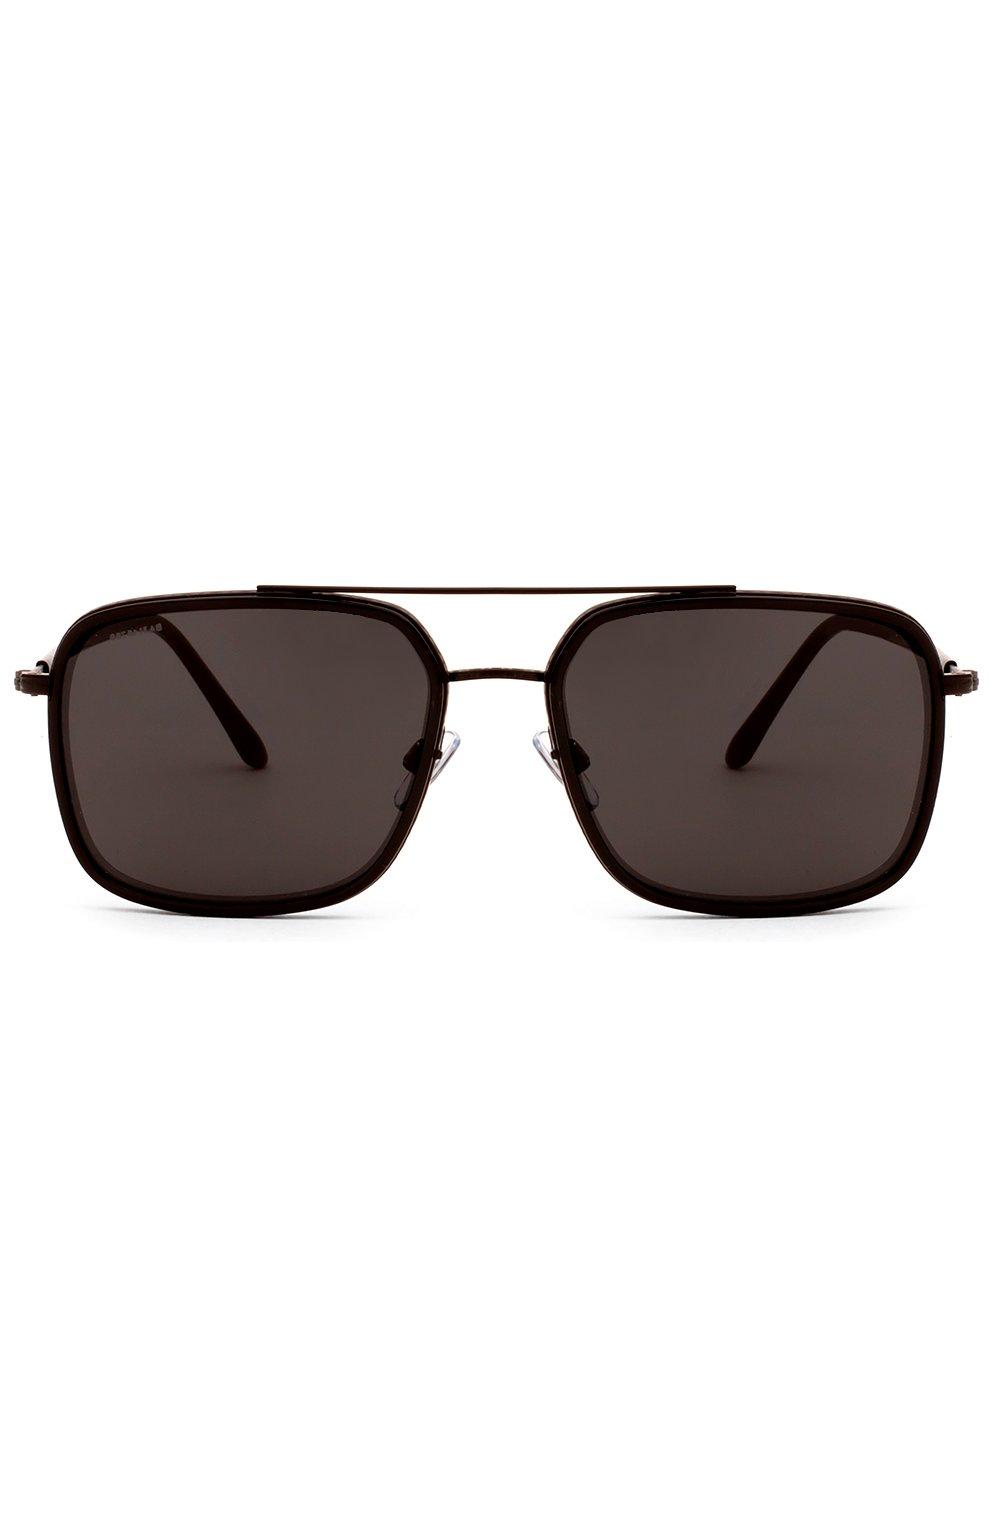 Женские солнцезащитные очки GIORGIO ARMANI коричневого цвета, арт. 6031-300187 | Фото 1